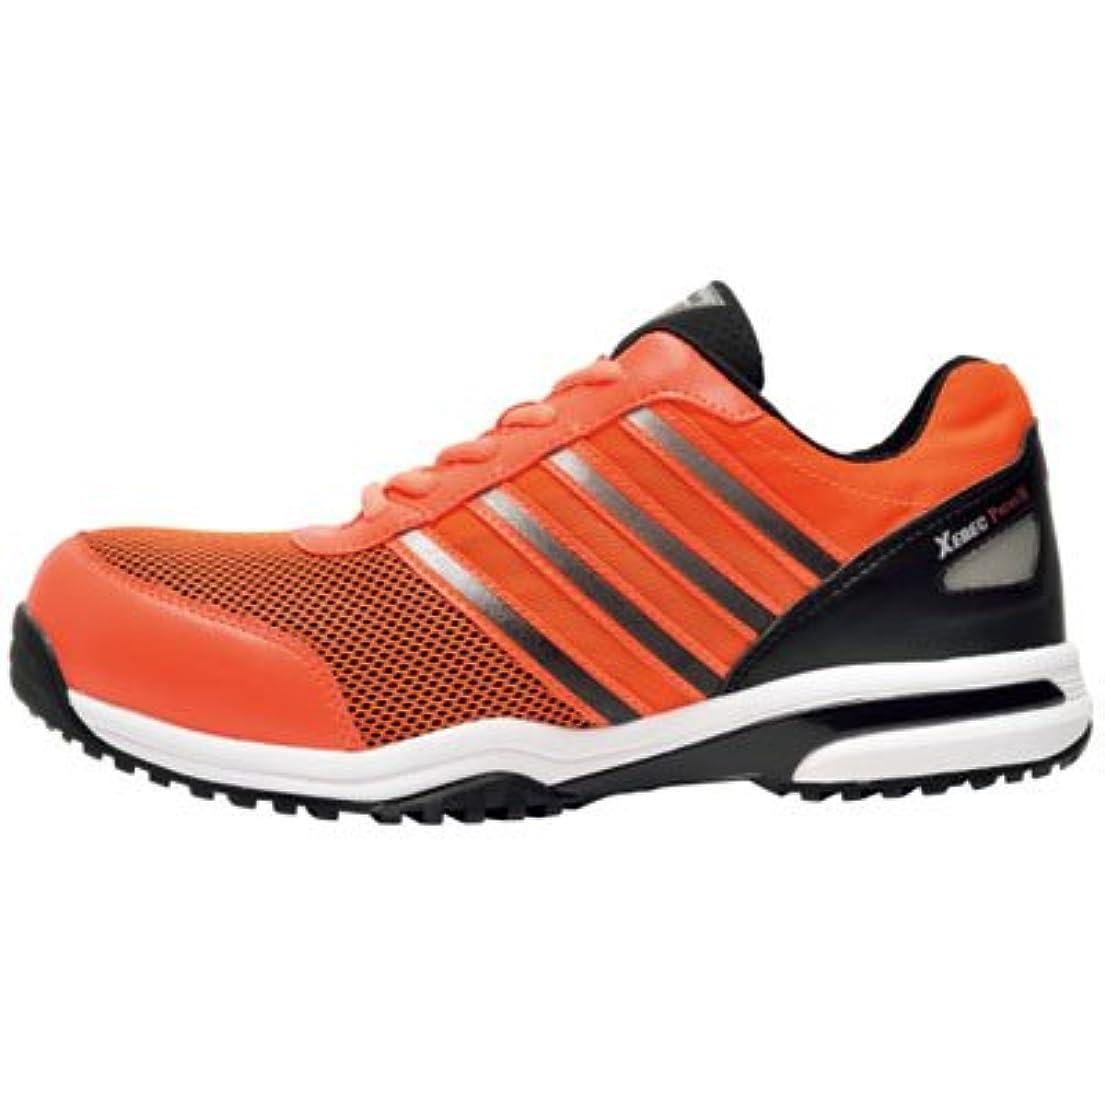 無許可セッション話をするジーベック 安全靴 プレミアムメッシュ?セフティシューズ JSAA規格 26.5cm オレンジ 85132